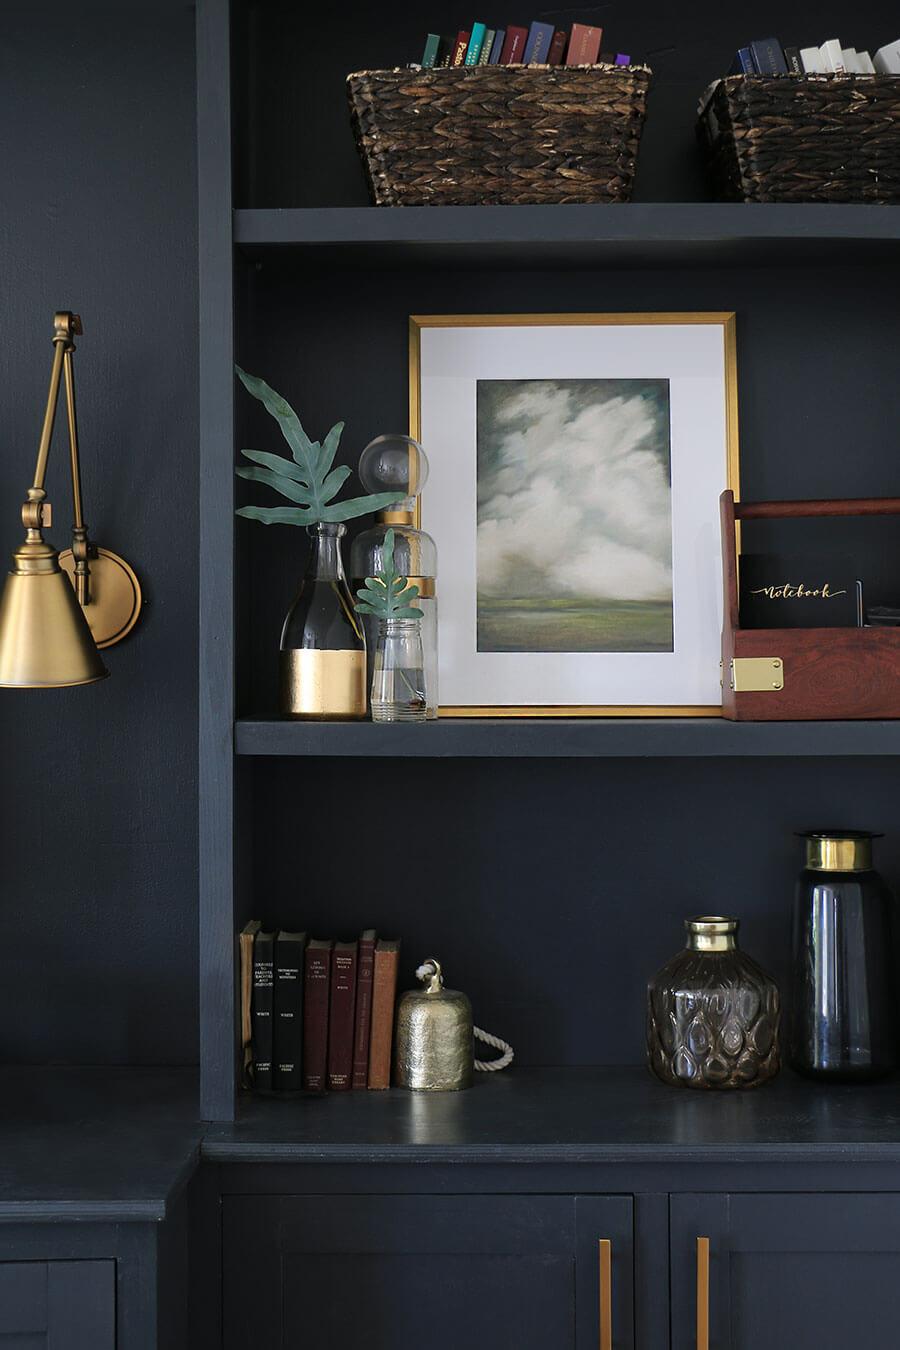 Art-on-shelf